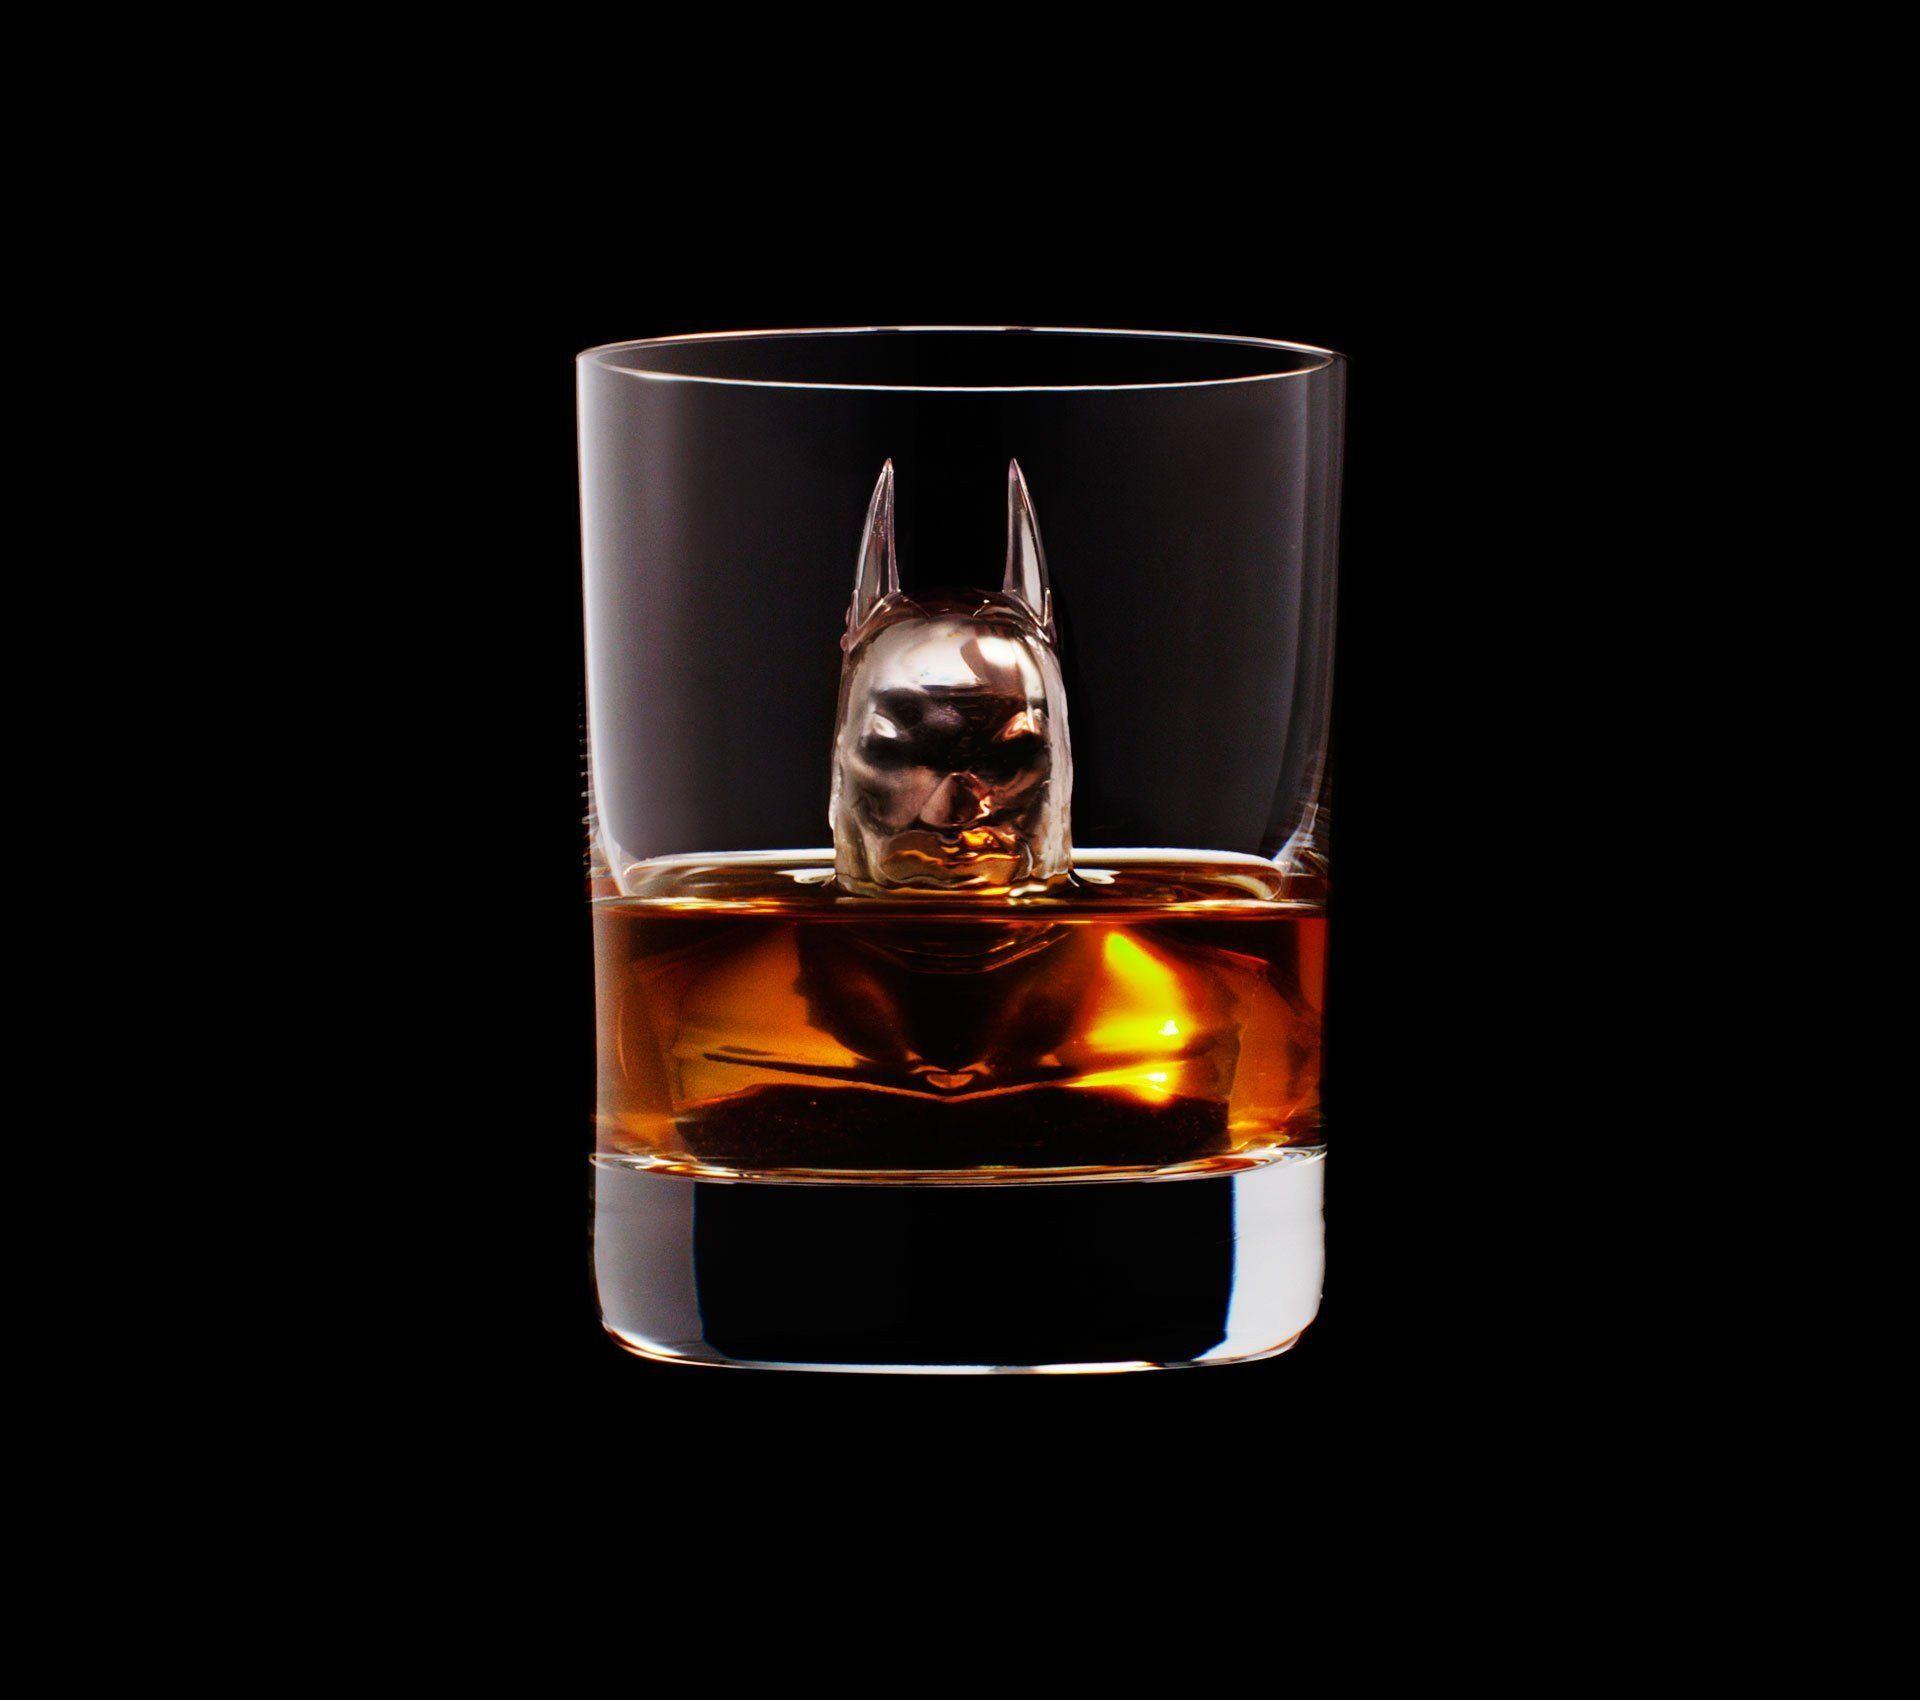 Estooo, Batman estás con Whisky al cuello